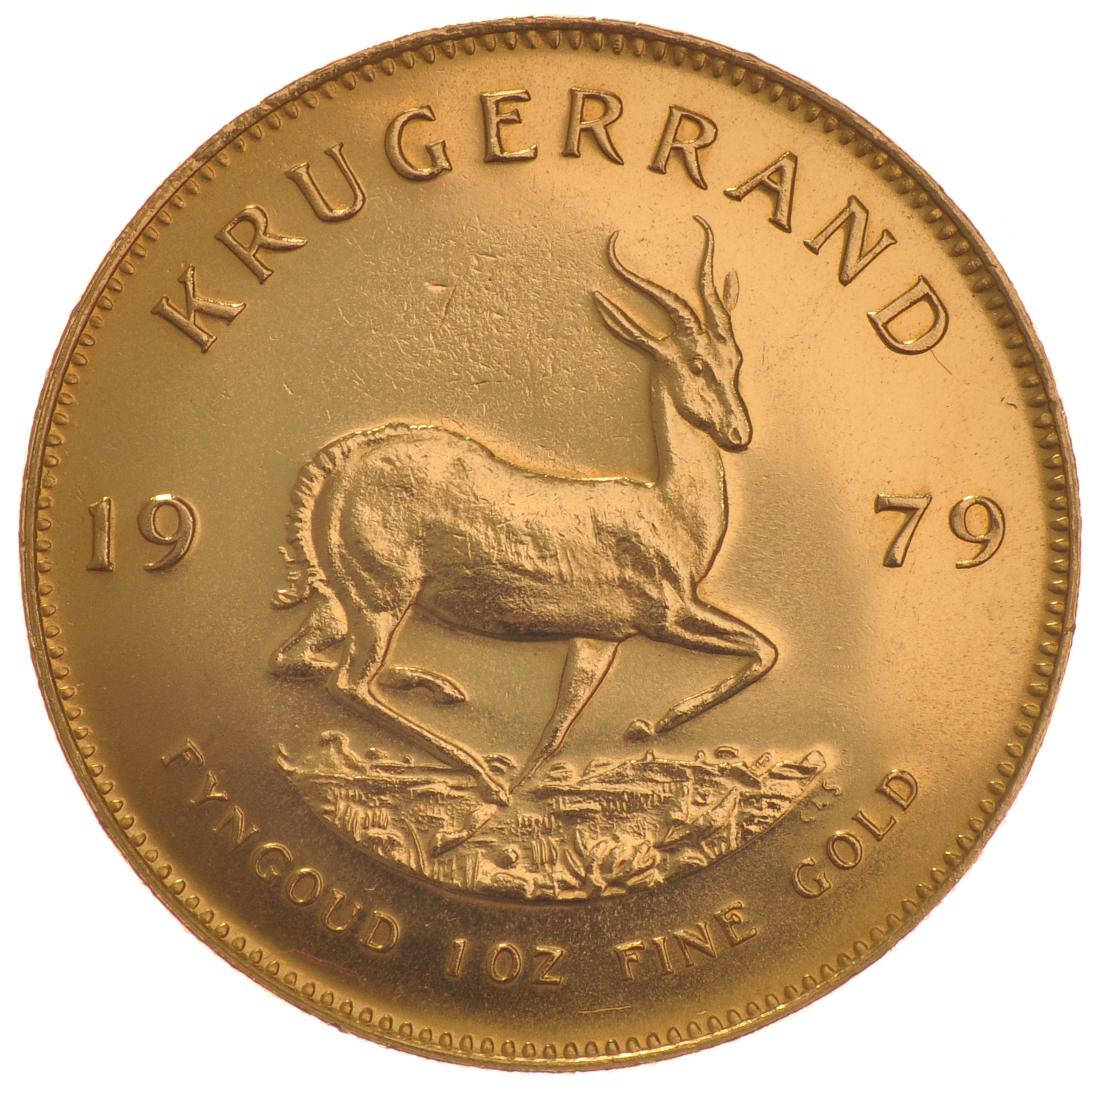 1979 1oz Gold Krugerrand 163 1 090